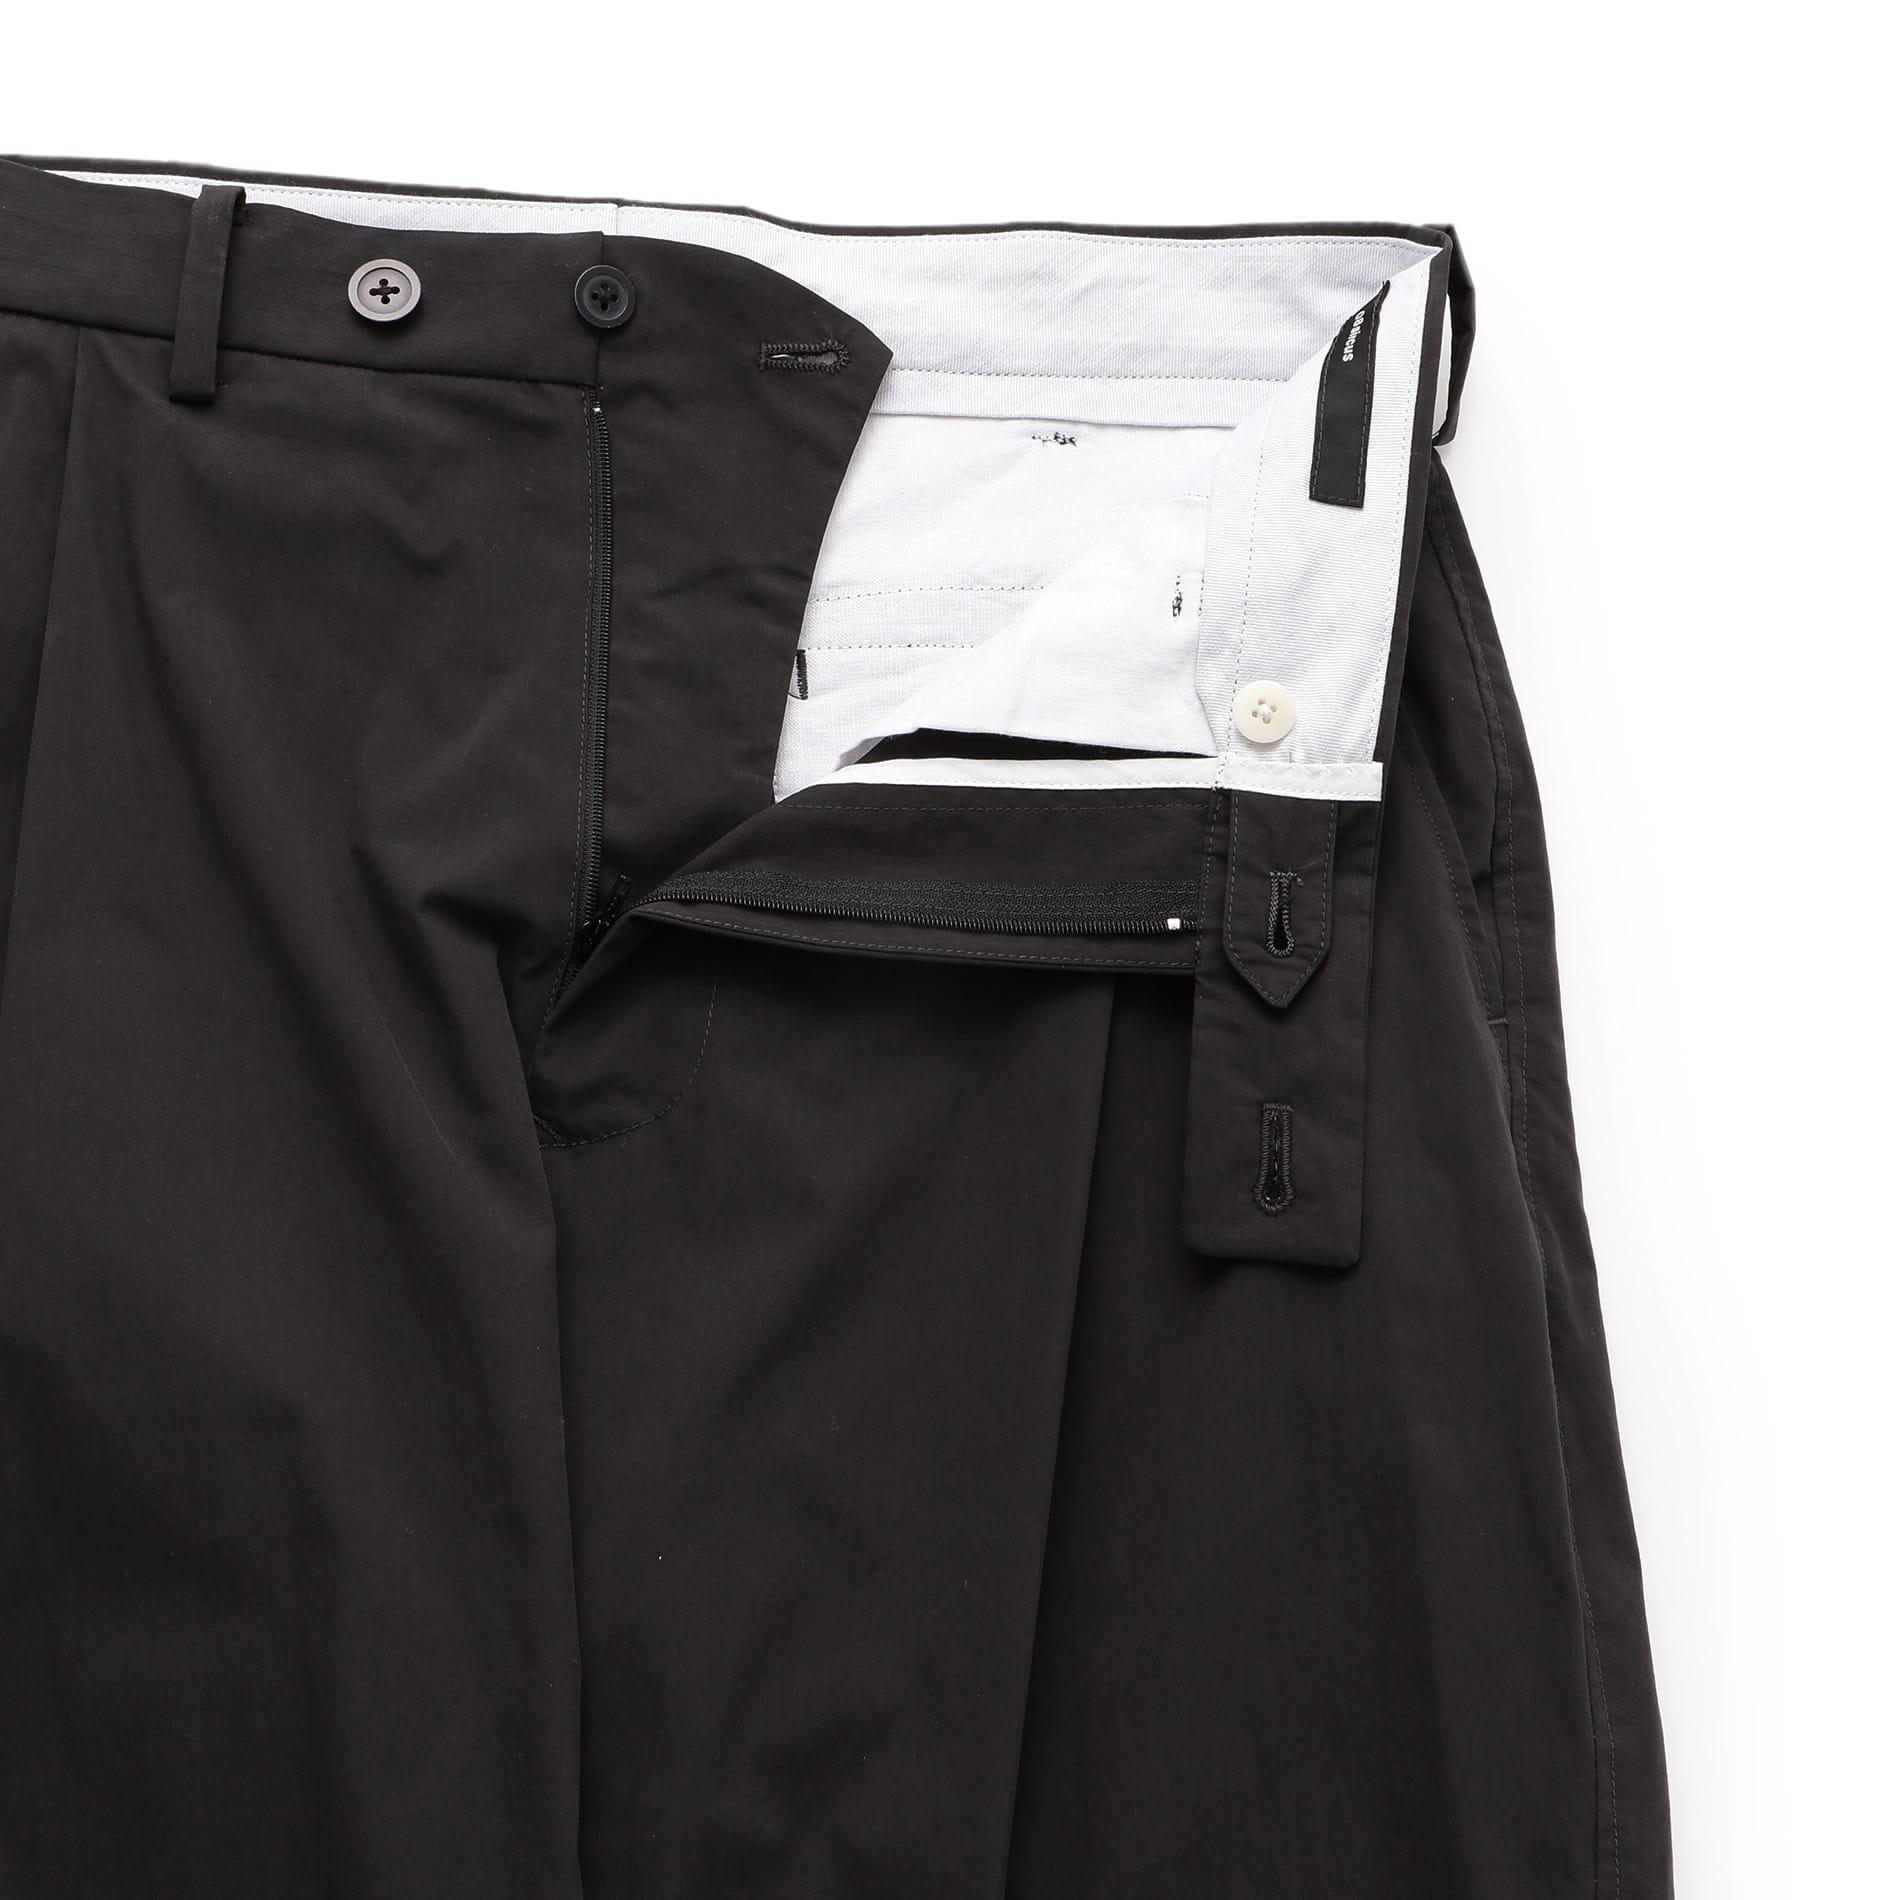 〈タイムセール〉【08sircus】MEN ストレッチパンツ S19SM-PT08